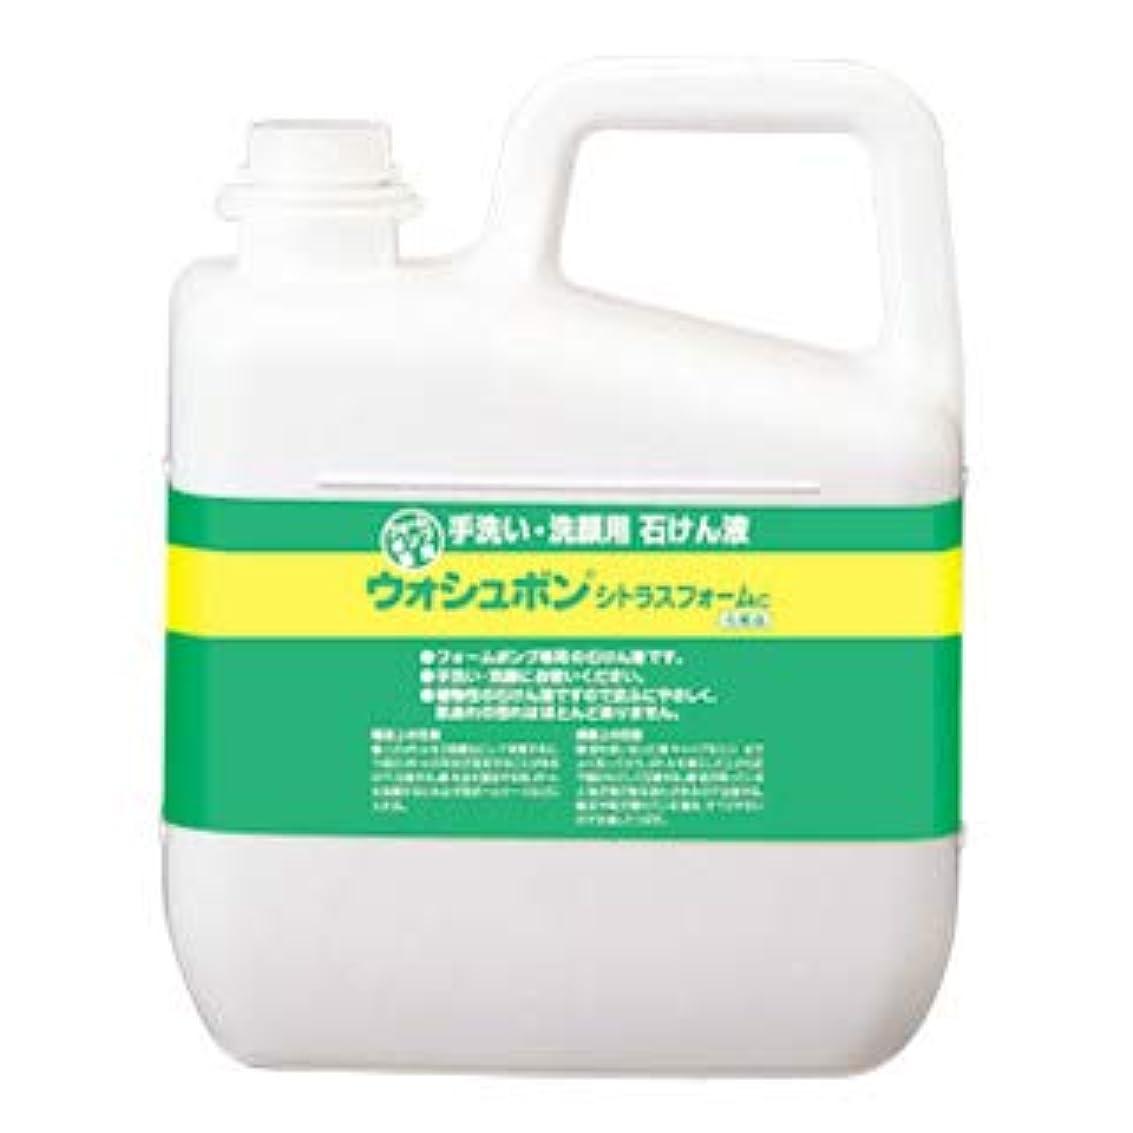 ペインしおれた静めるサラヤ ウォシュボン 手洗い用石けん液 ウォシュボンシトラスフォームC 5kg